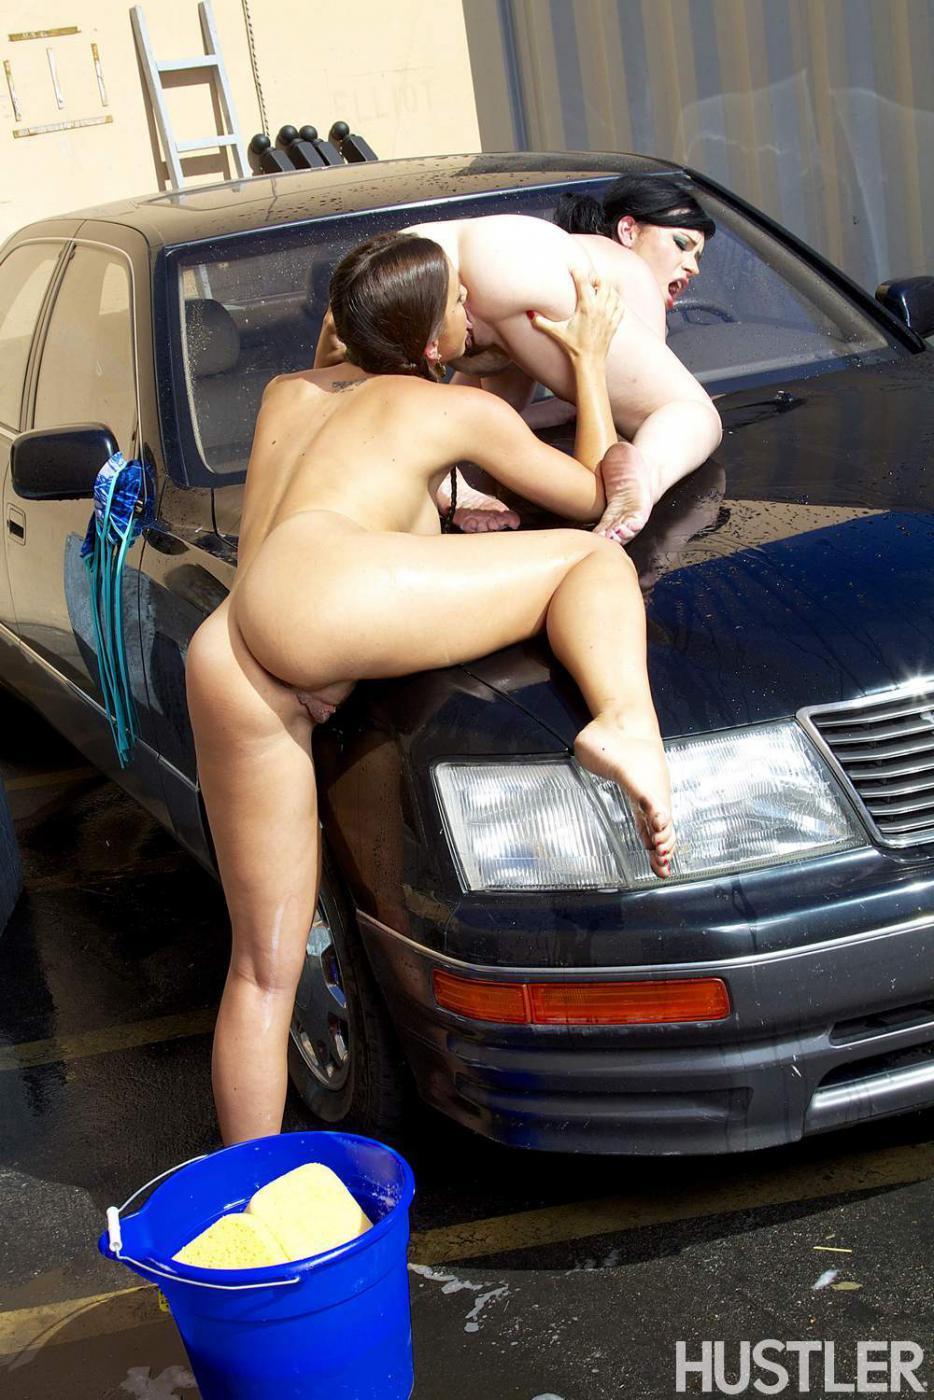 Грязные лесбиянки Abigail Mac и Belle Noire моют машину и спариваются на капоте